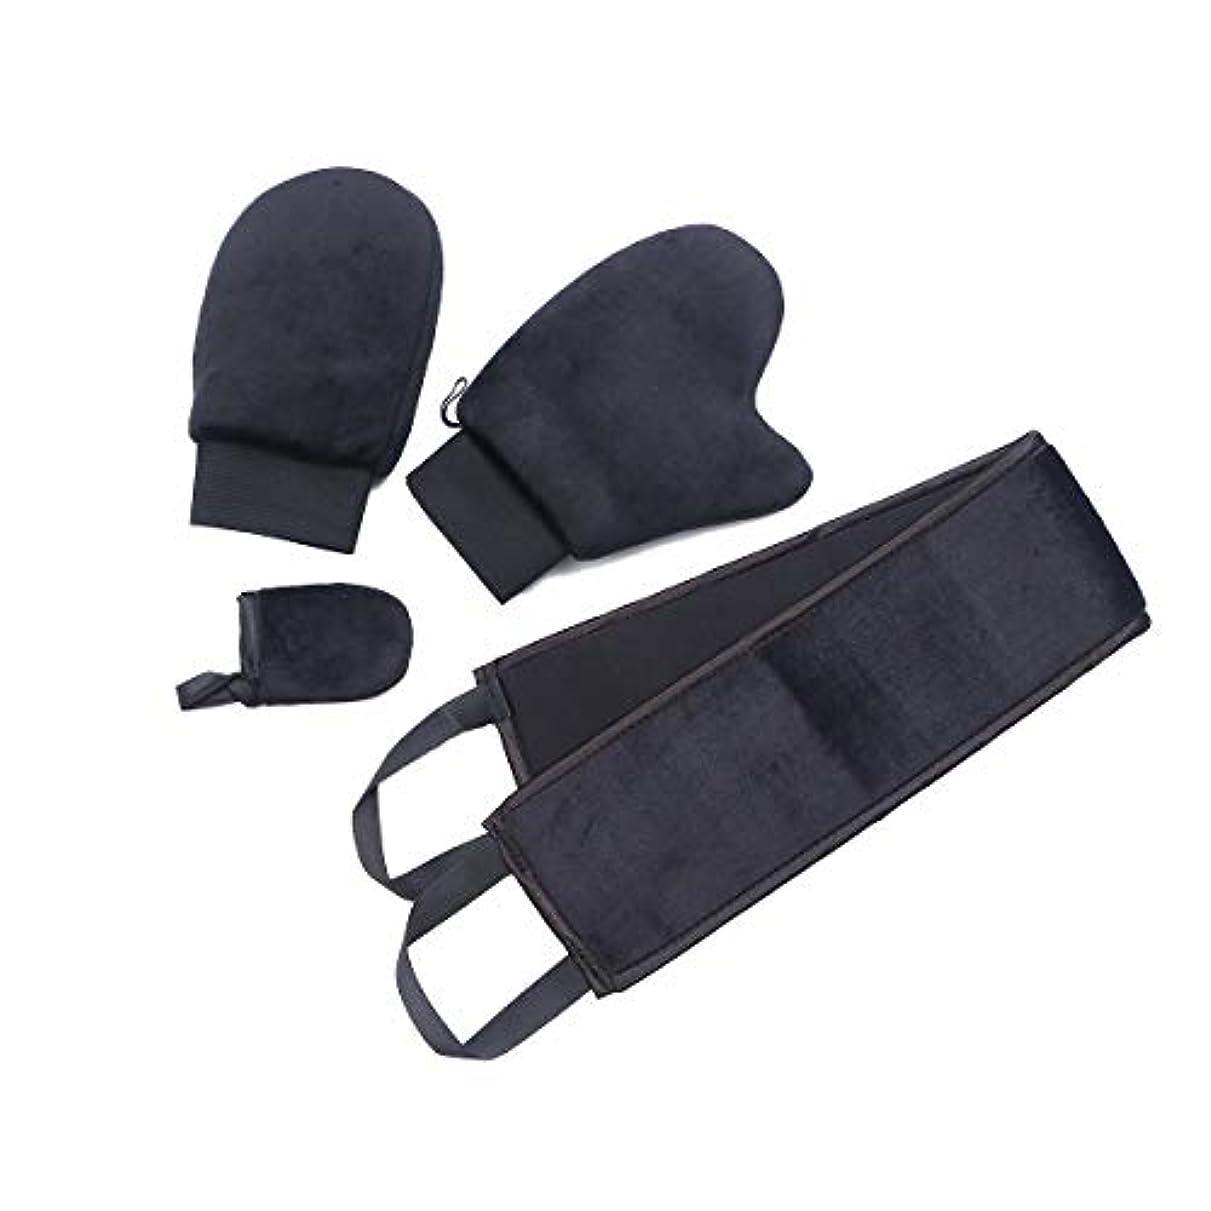 苦行説教禁輸Healifty 4本化粧オイルSPAタンミットアプリケータサンレスタンニンググローブスーツ